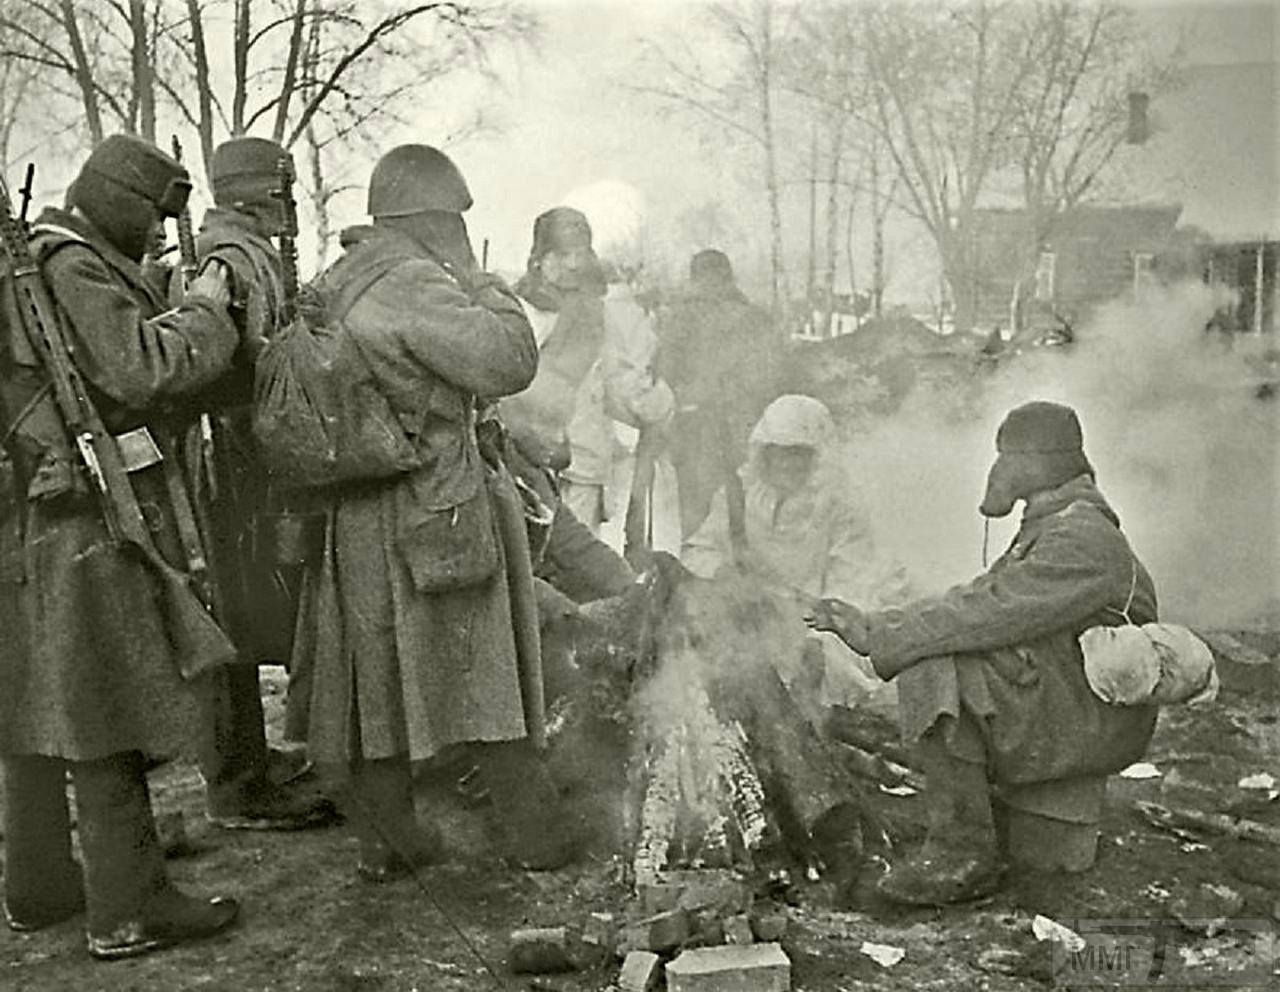 85718 - Военное фото 1941-1945 г.г. Восточный фронт.